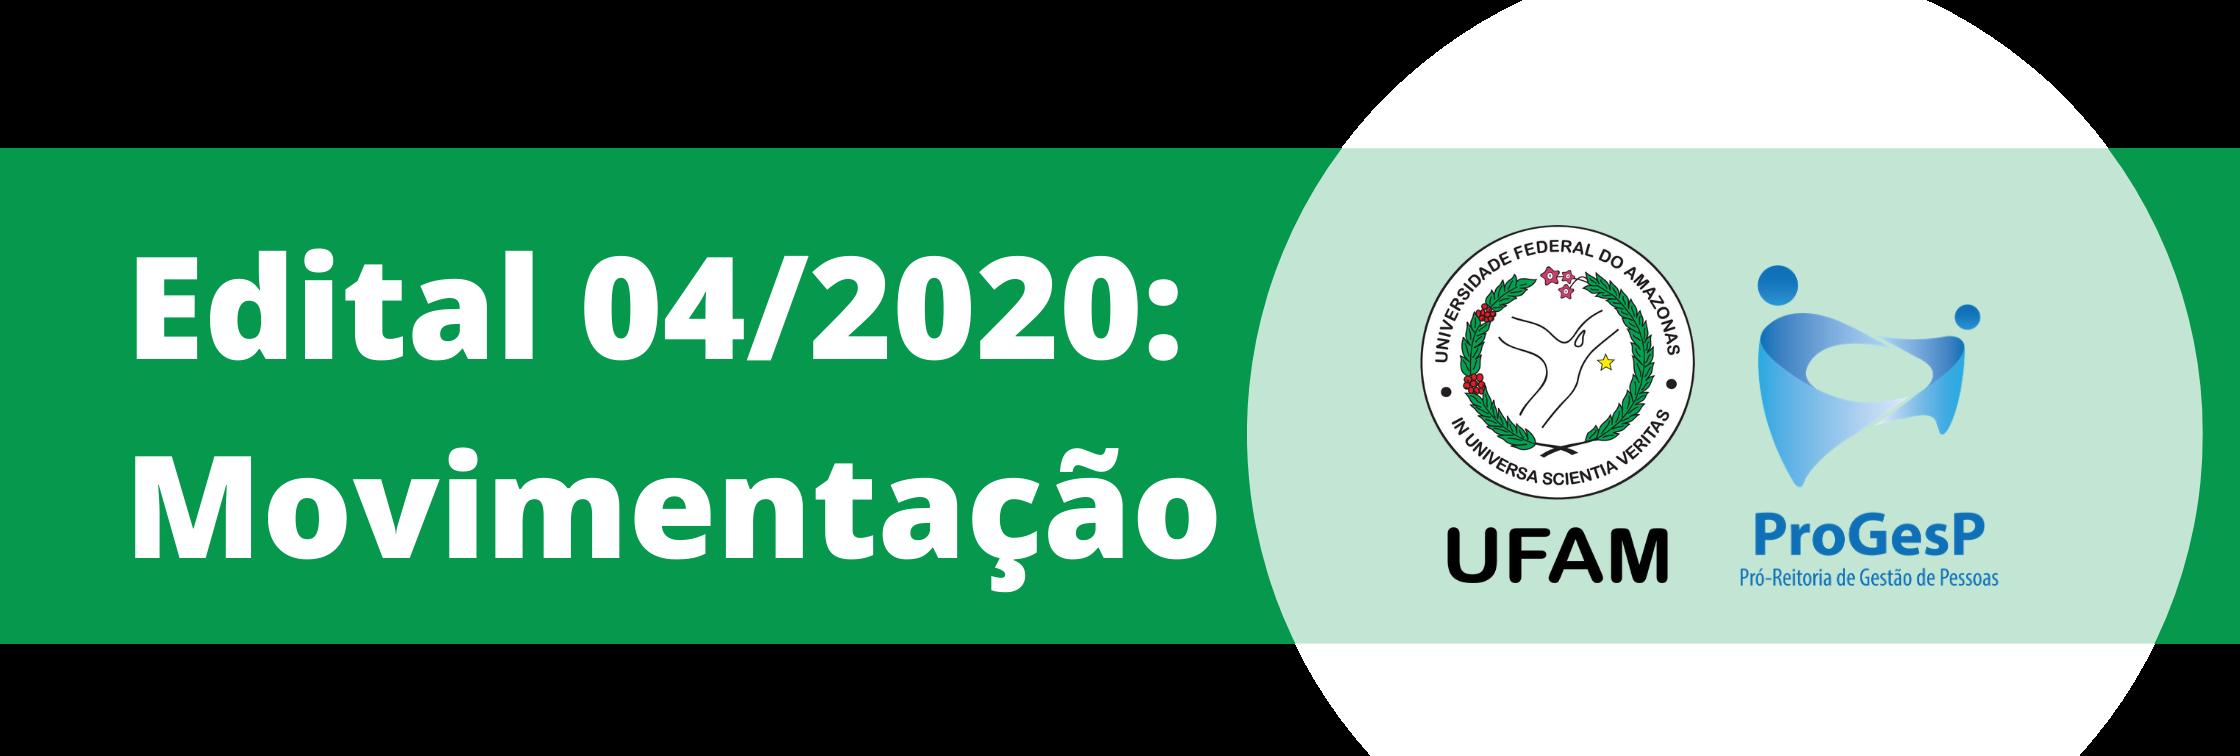 Edital de Oportunidades nº04/2020 - Movimentação de Servidores